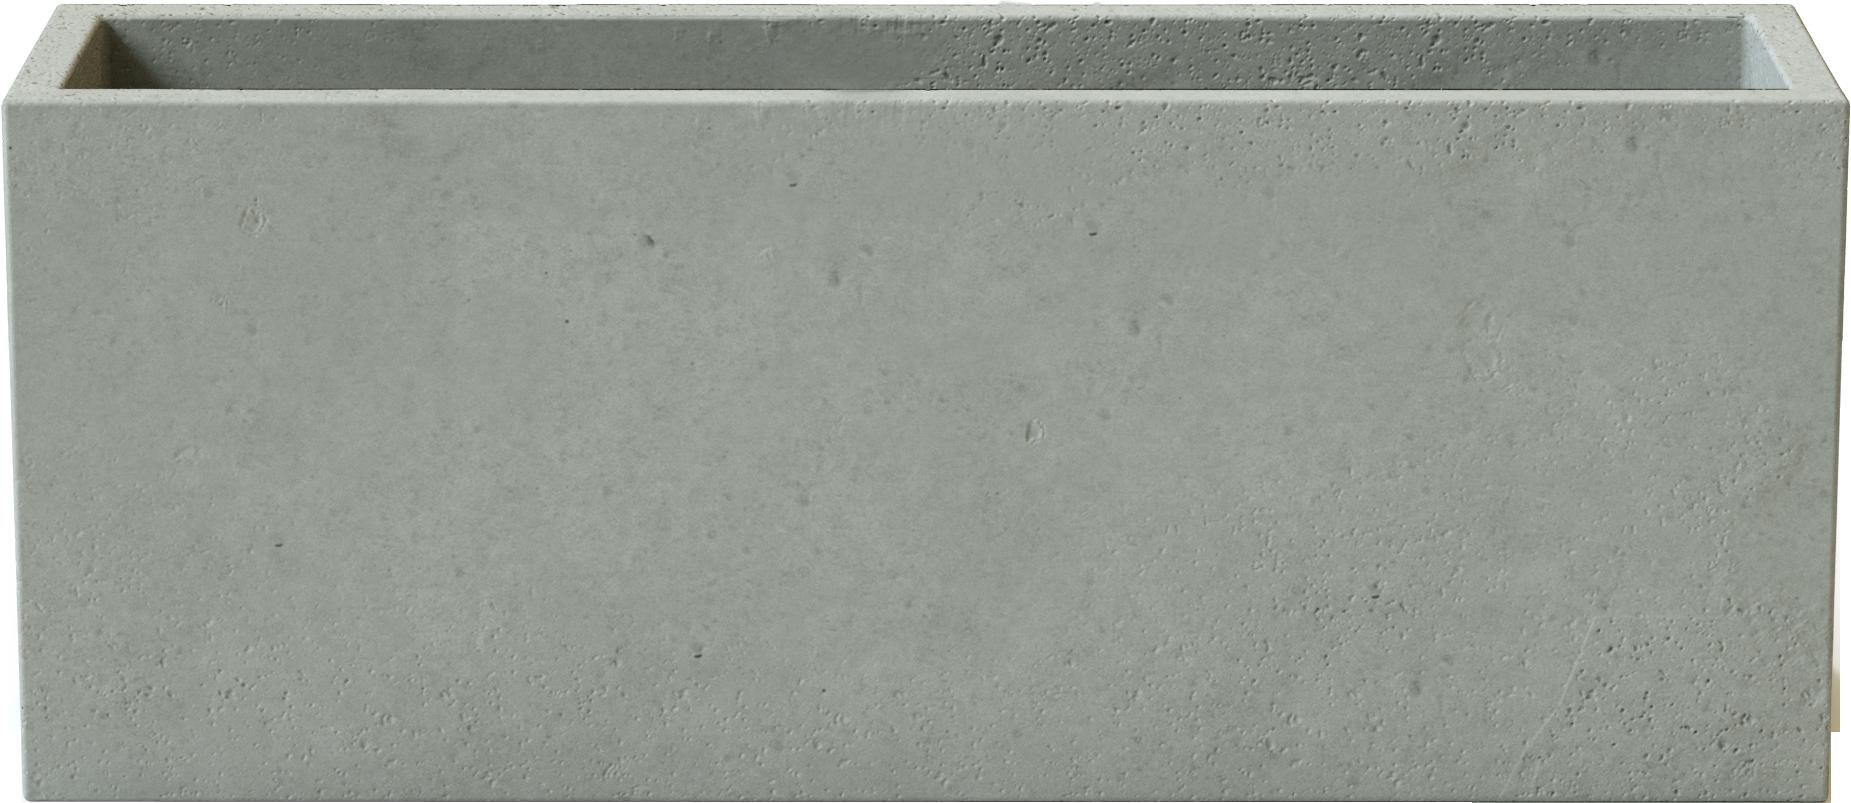 Donica Lungo 40x25x100 Slabb Beton Architektoniczny